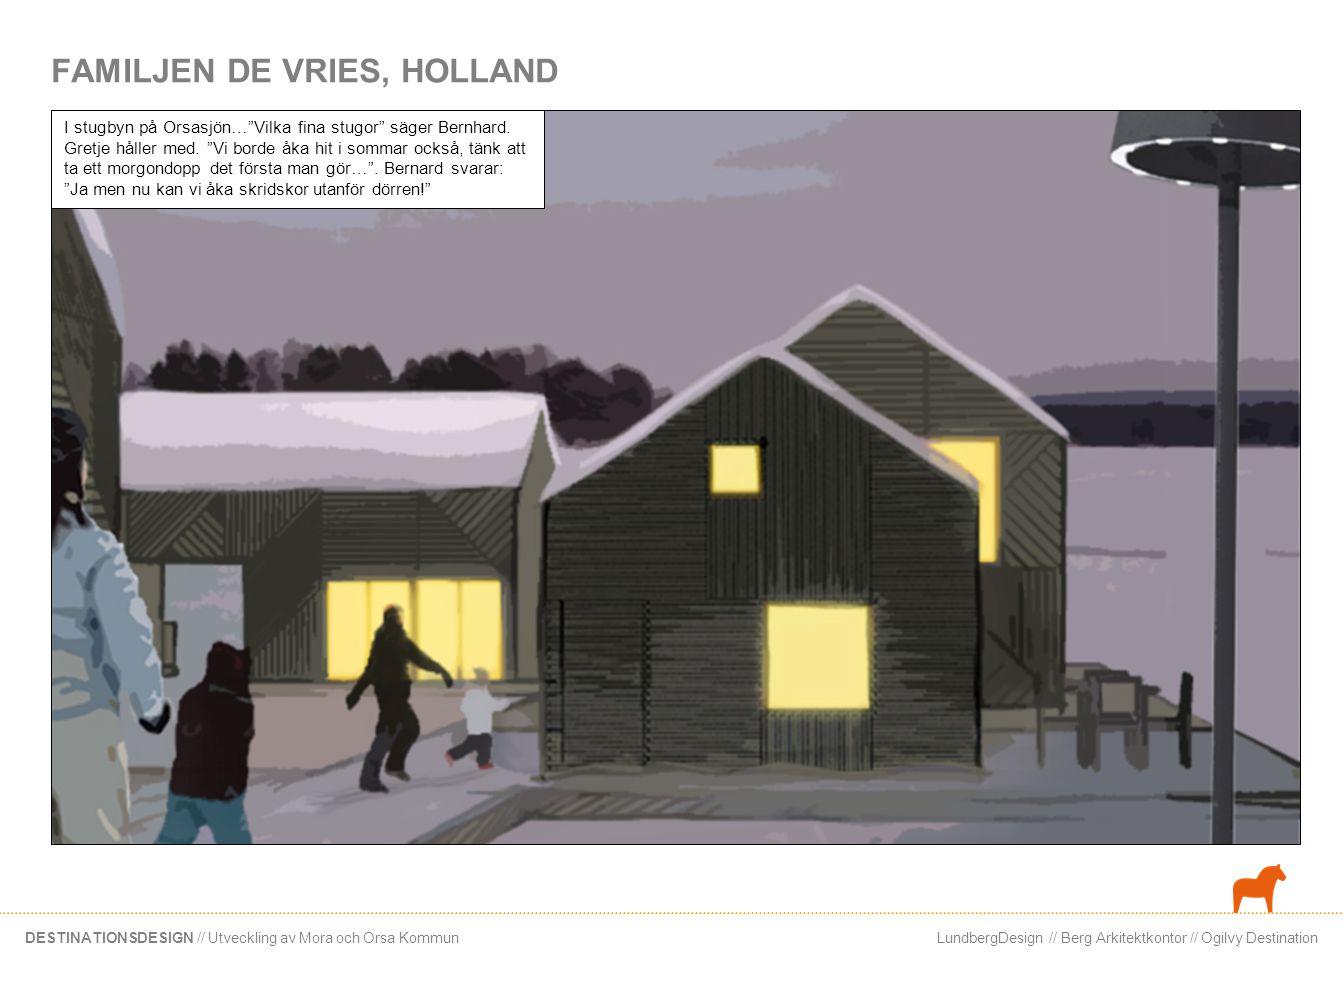 LundbergDesign // Berg Arkitektkontor // Ogilvy DestinationDESTINATIONSDESIGN // Utveckling av Mora och Orsa Kommun FAMILJEN DE VRIES, HOLLAND I stugb